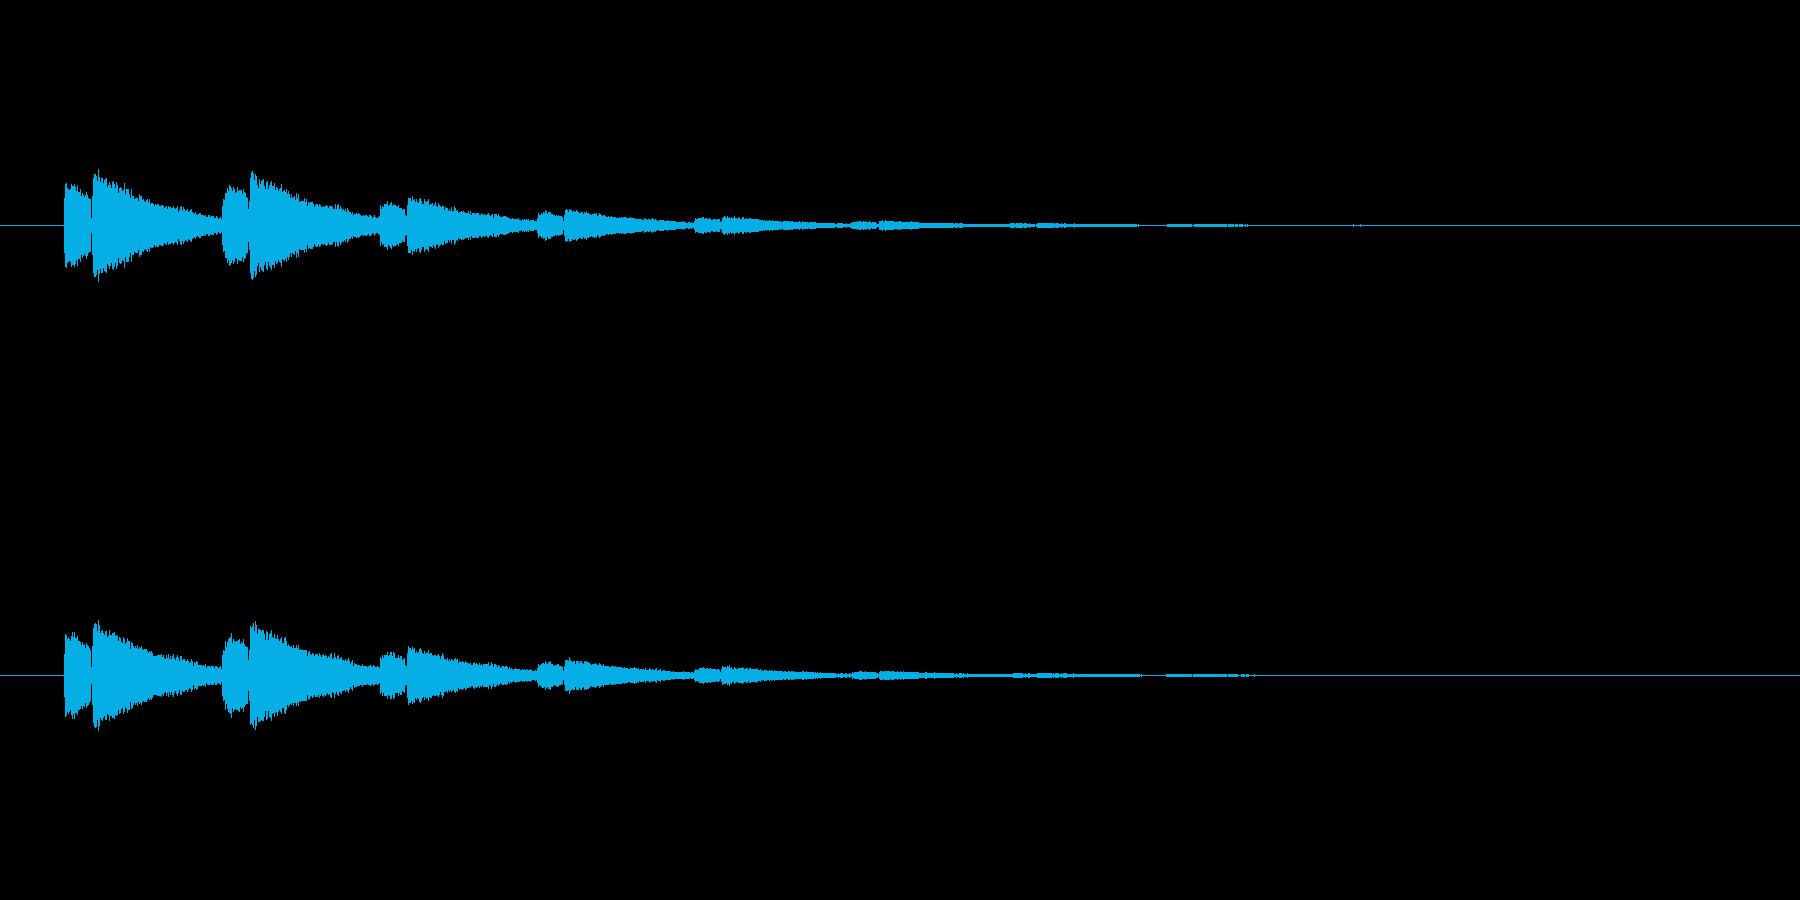 【アクセント26-3】の再生済みの波形